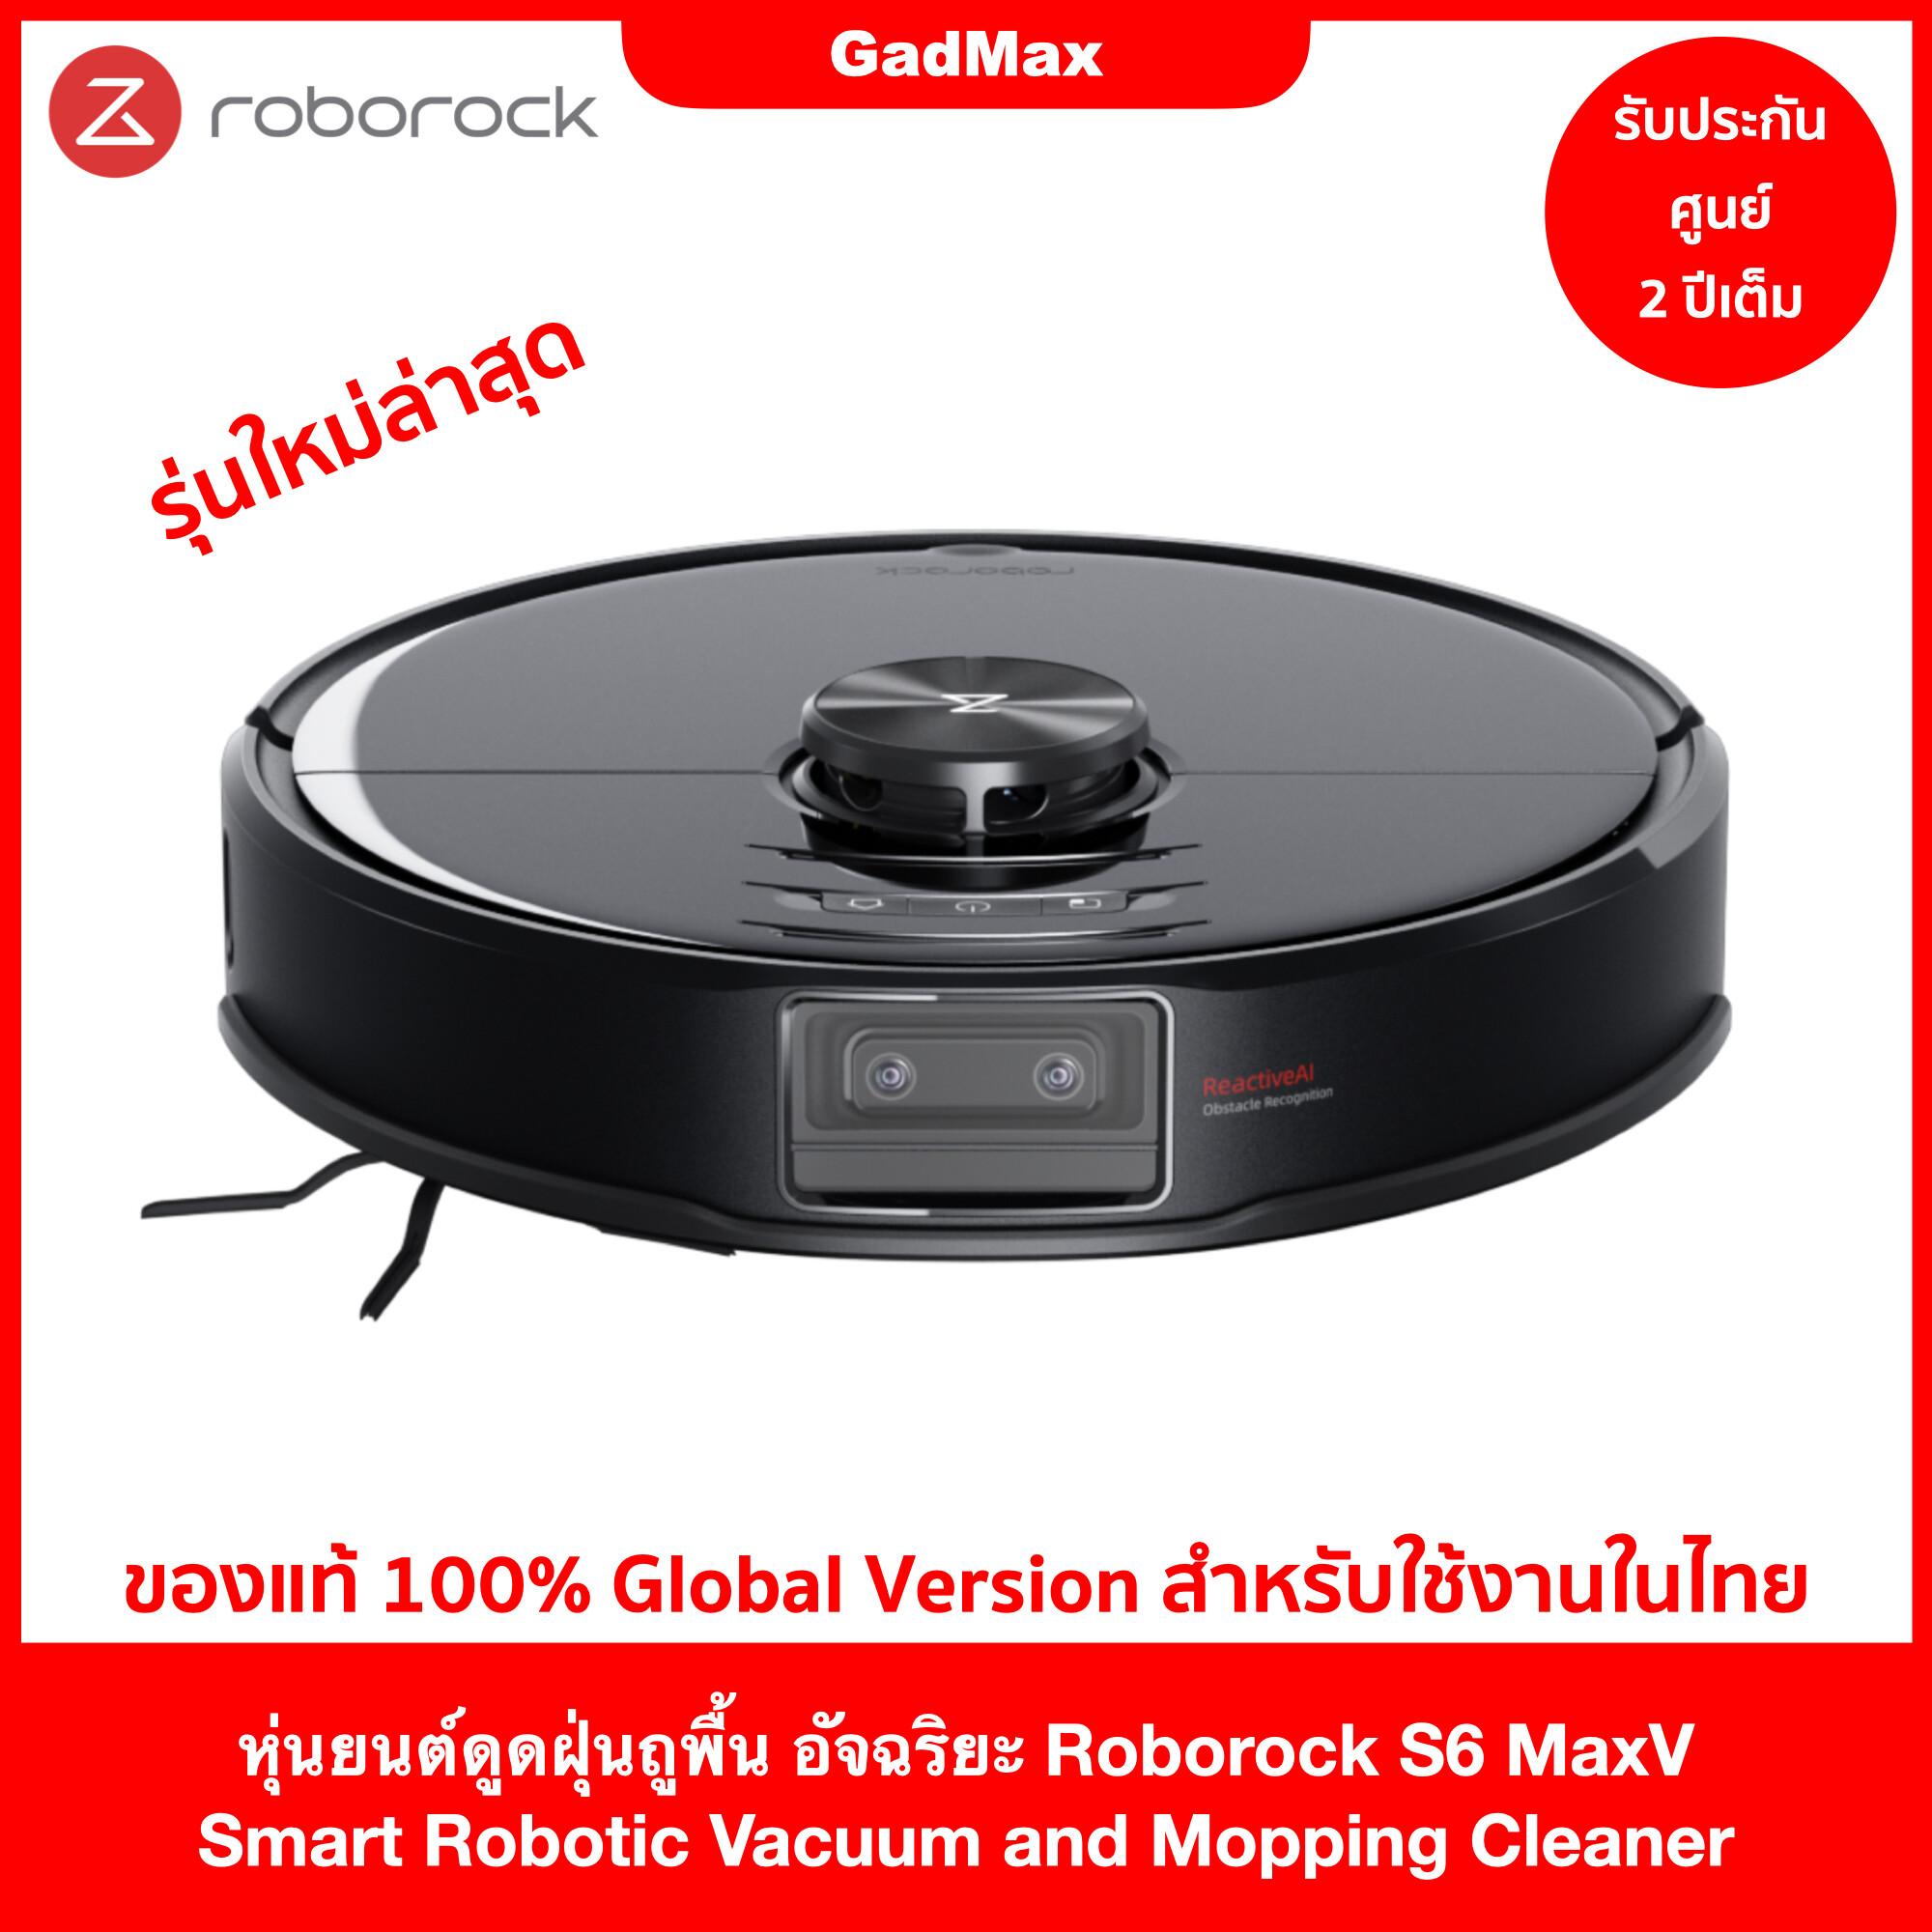 [รับประกัน 2 ปีเต็มกับศูนย์ Roborock Care] หุ่นยนต์ดูดฝุ่น ถูพื้น อัจฉริยะ โรโบร็อค Roborock S6 MaxV (รุ่นใหม่ล่าสุด Global Version) - GadMax